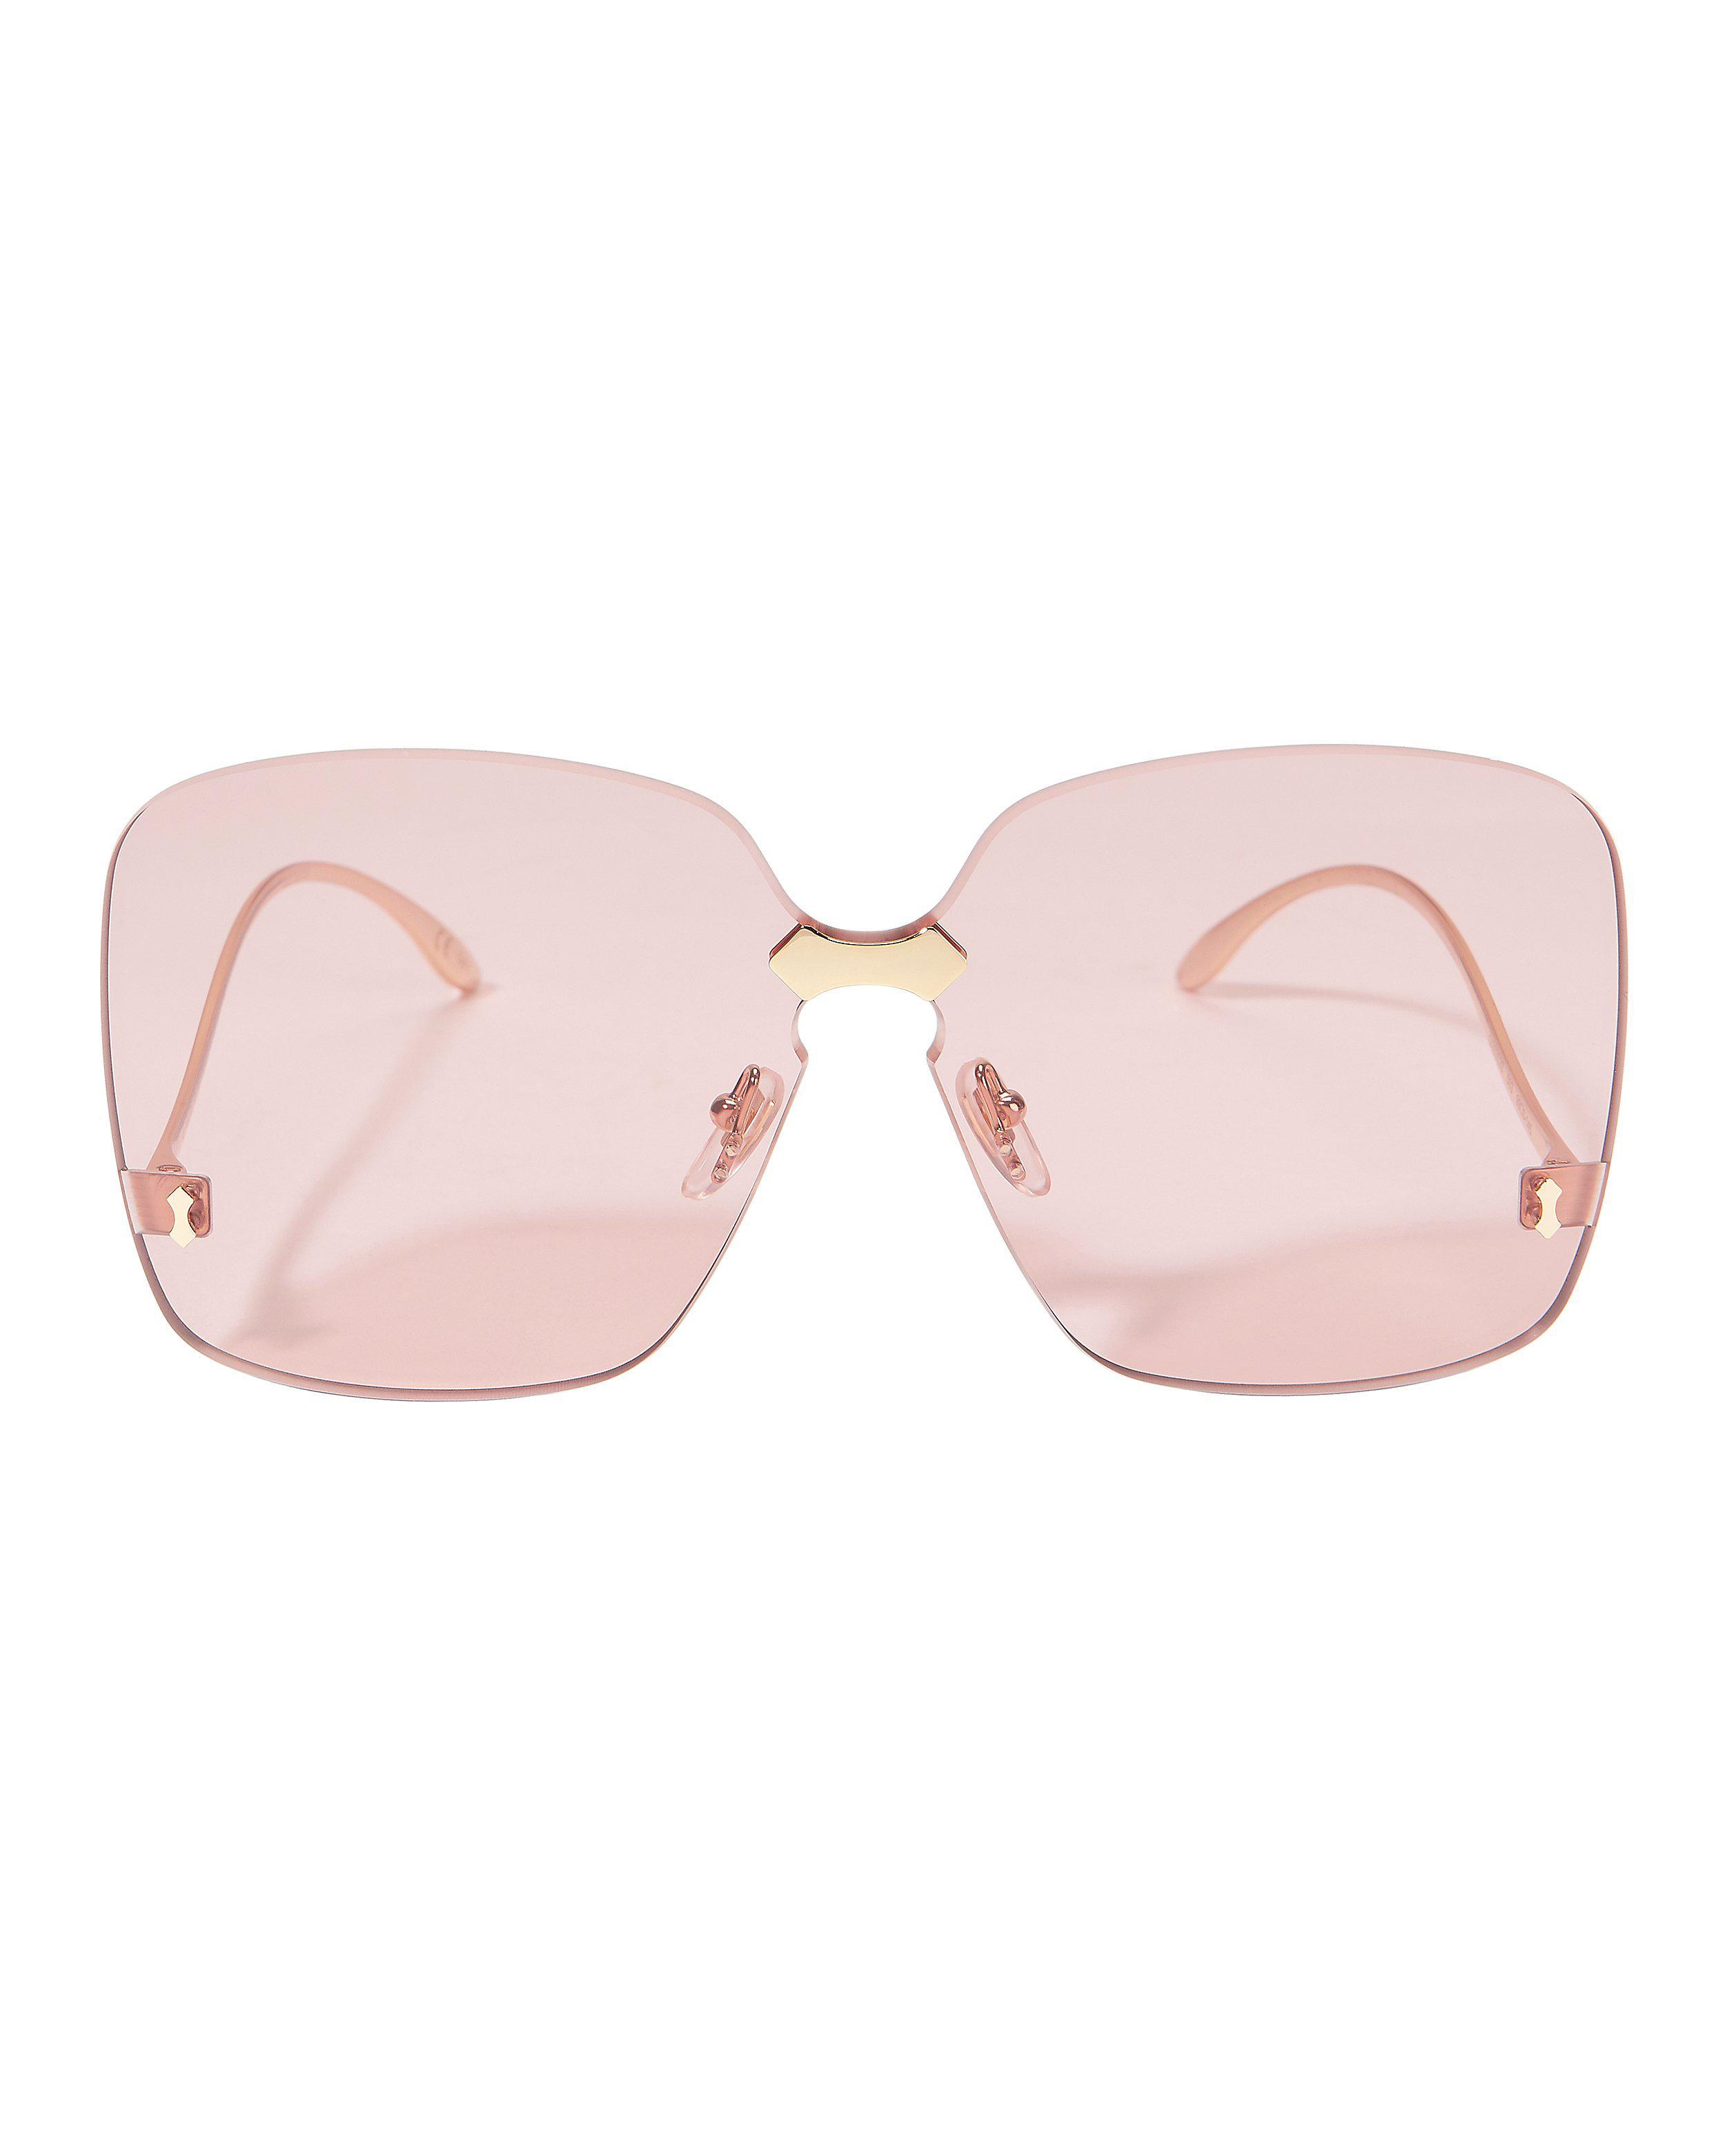 e9a3daef3b0 Lyst - Gucci Square Sunglasses in Metallic